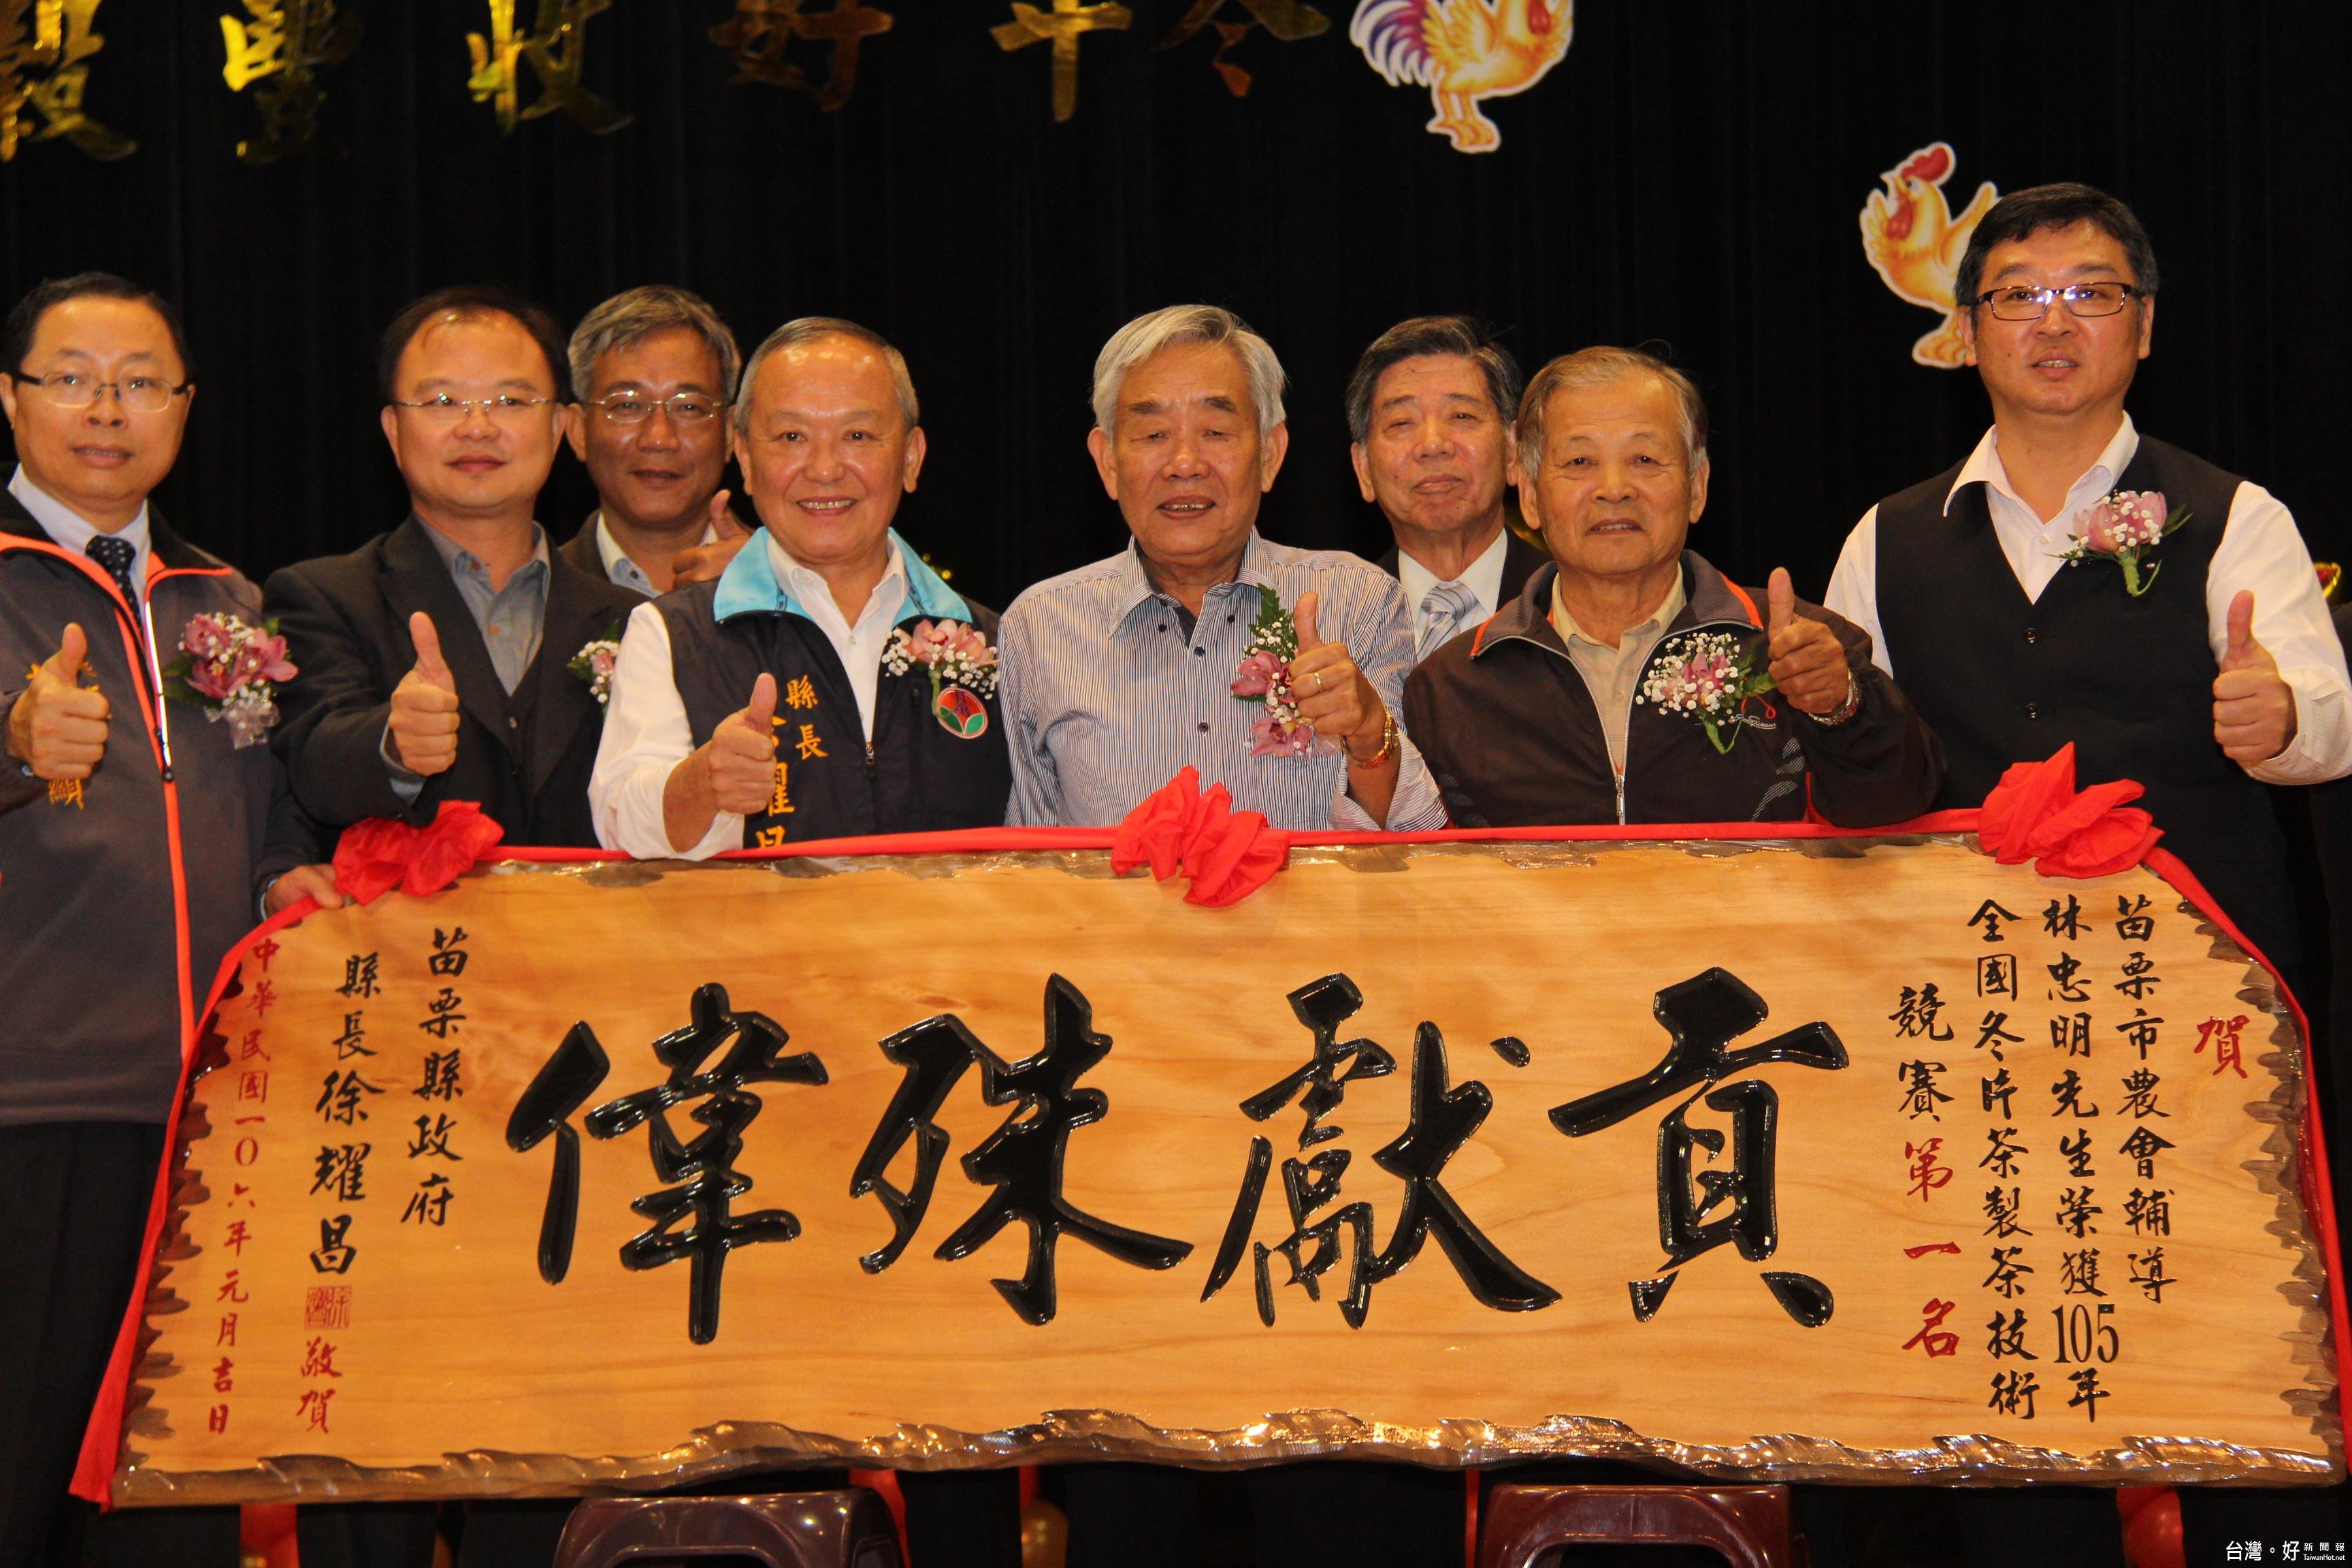 出席苗縣農民節表彰大會 徐耀昌親自頒獎表揚